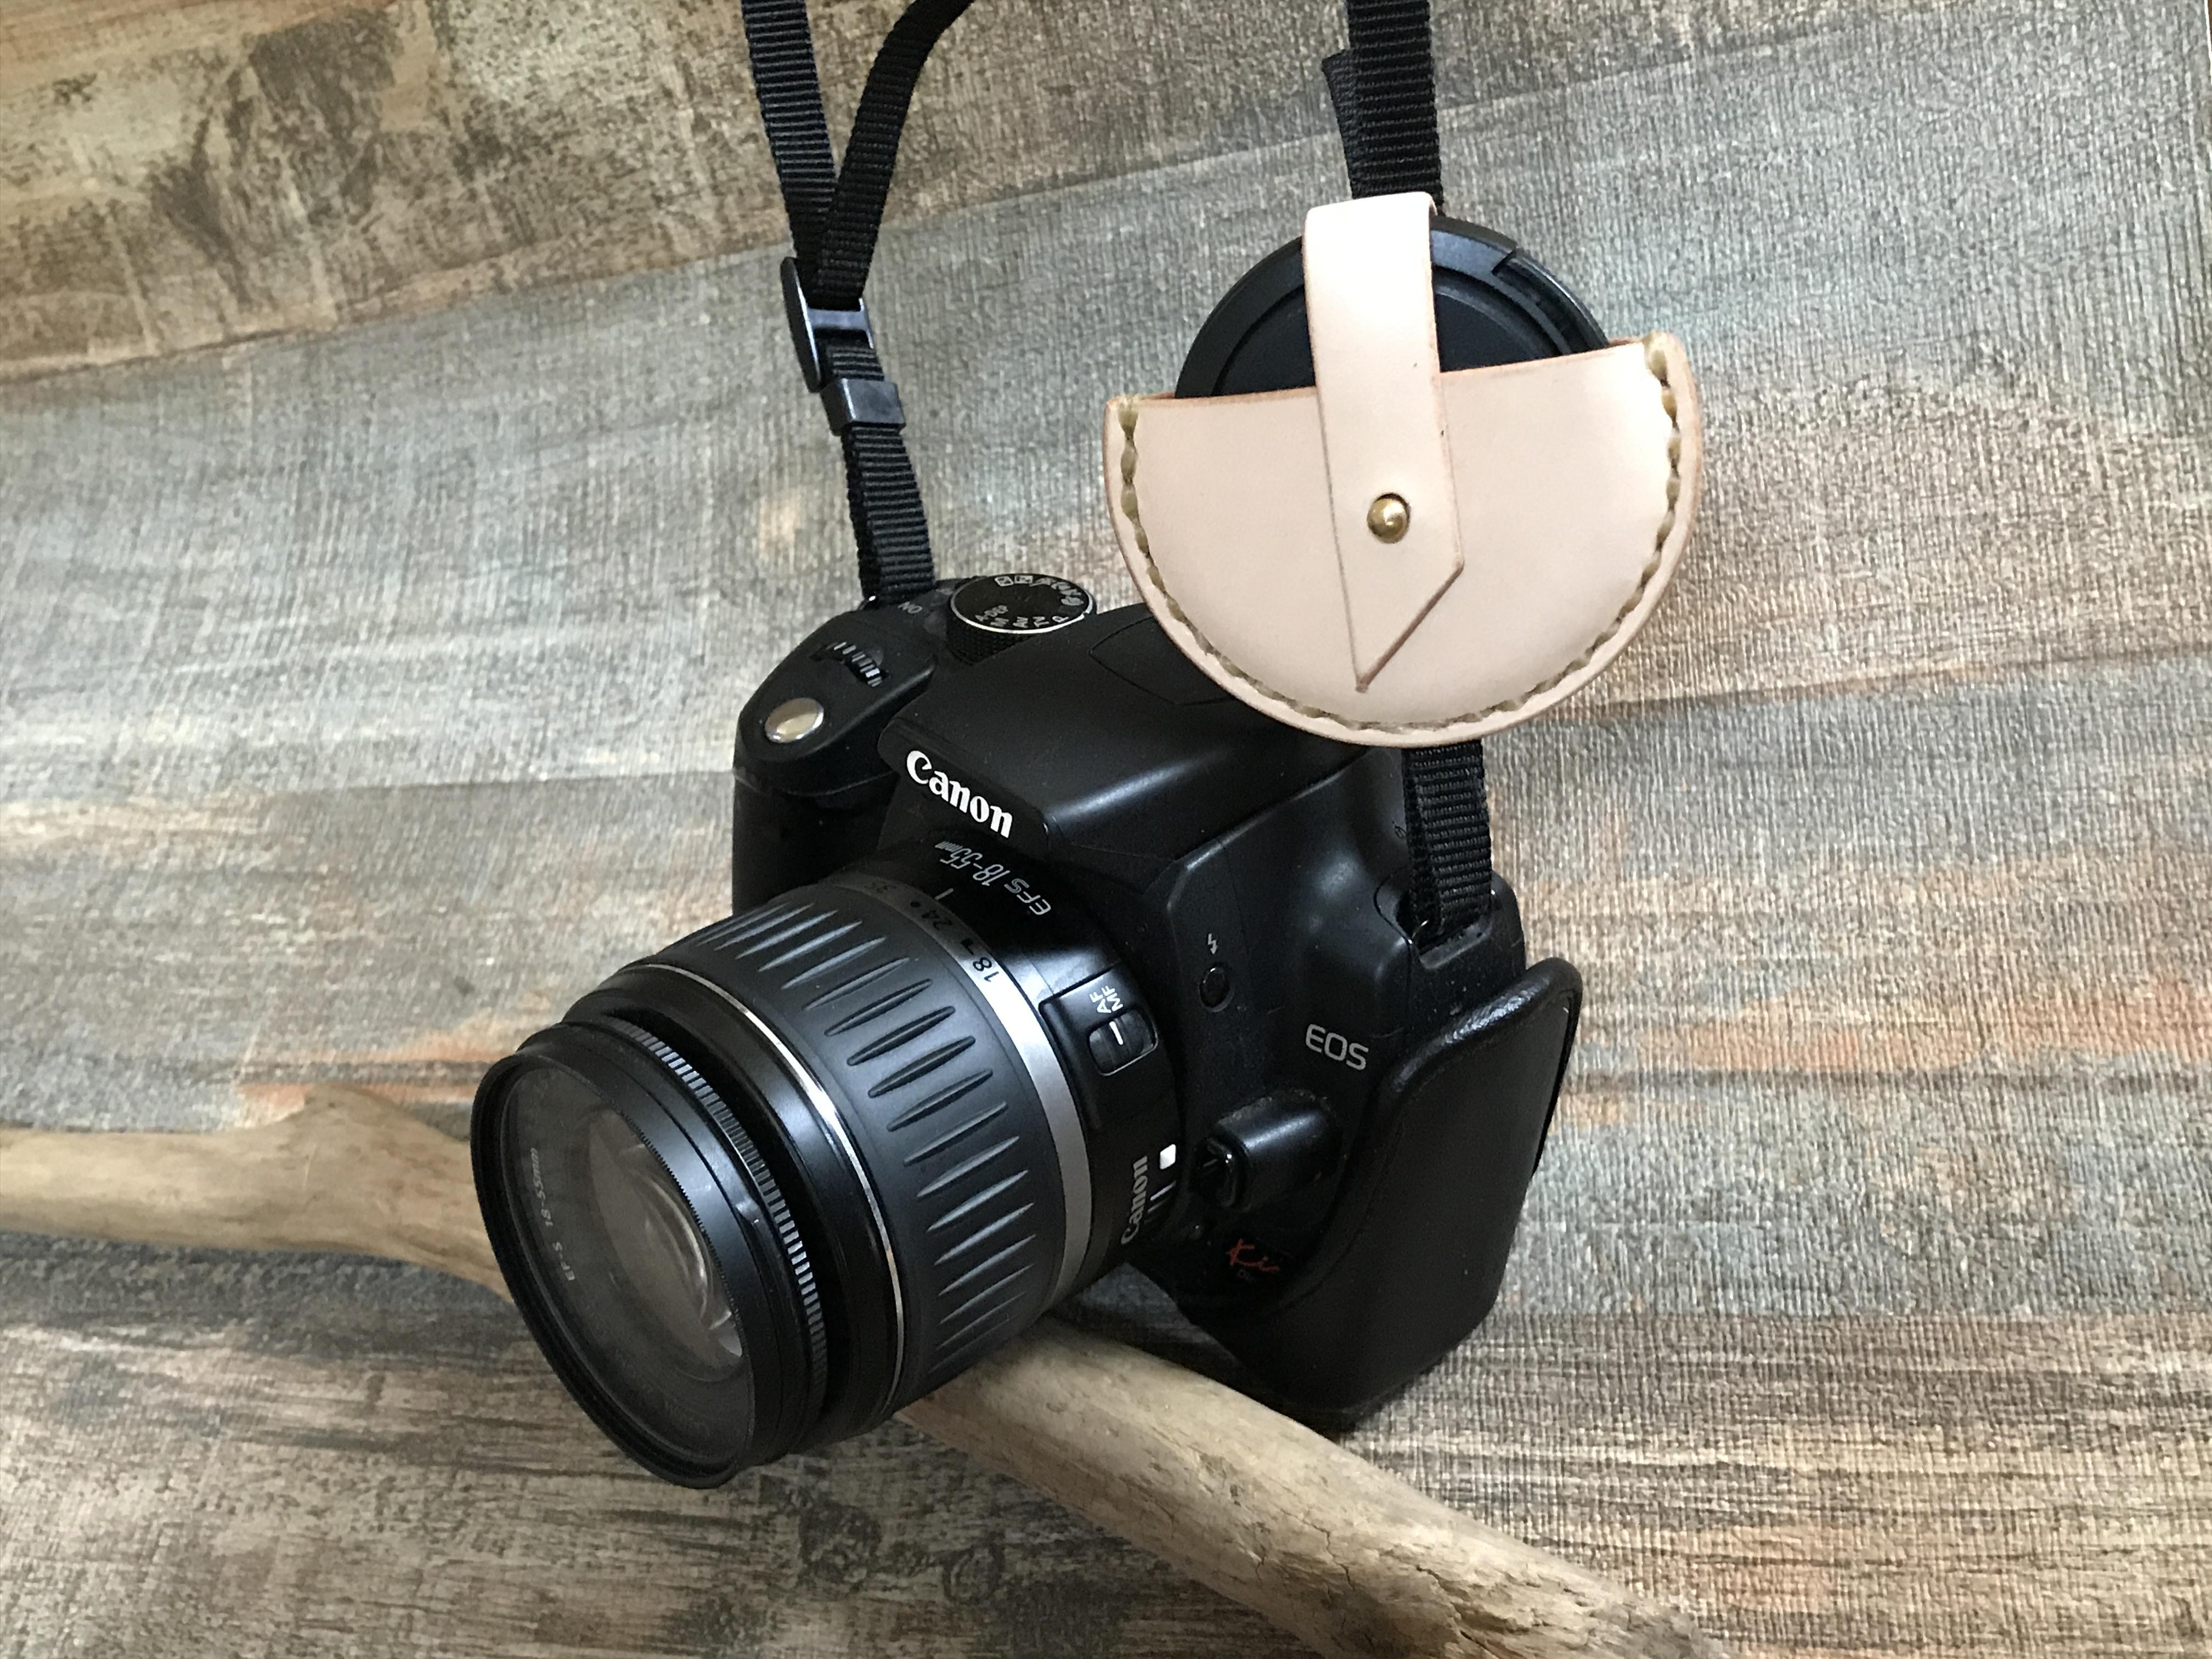 一眼レフカメラ用レザーキャップホルダー